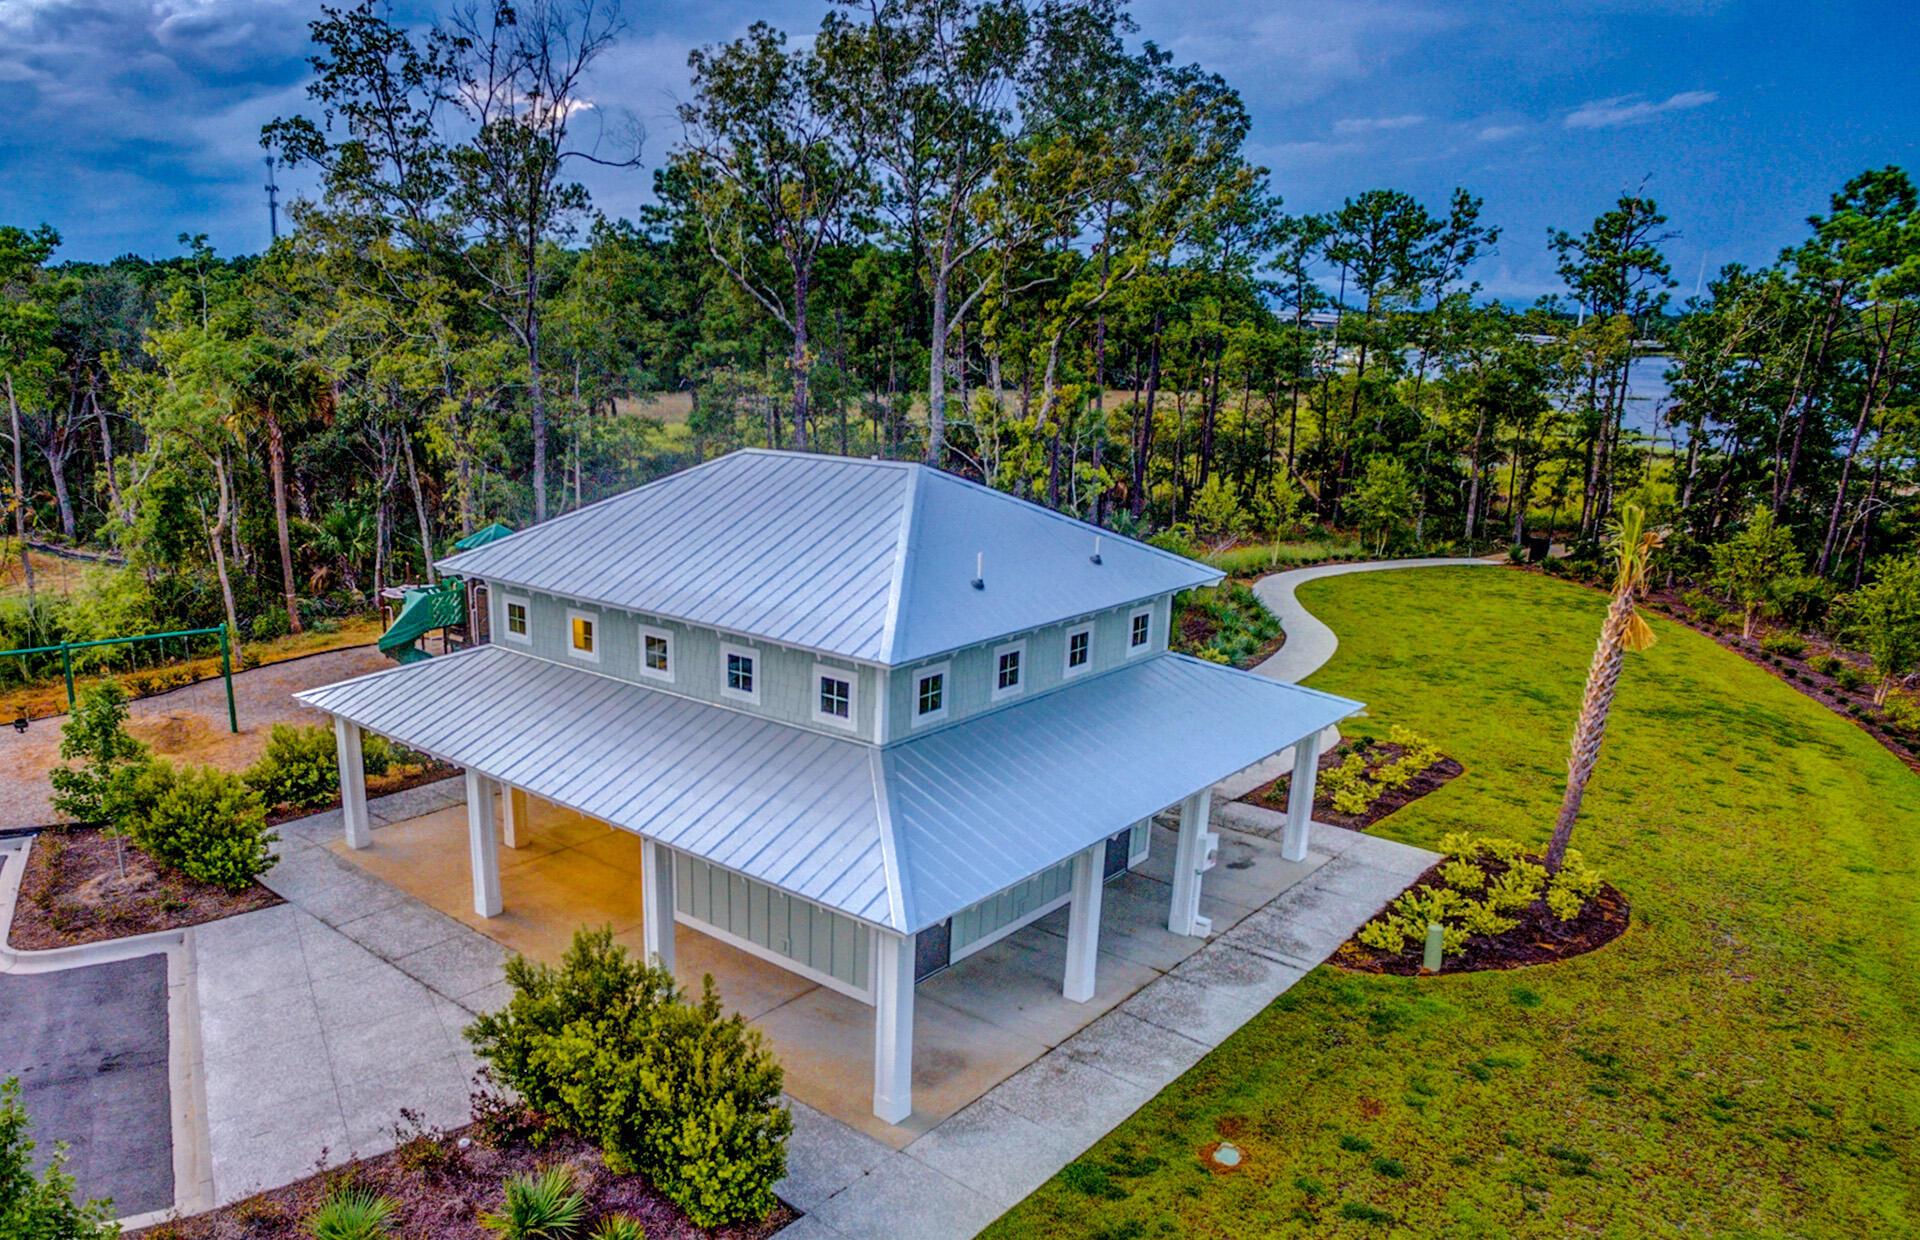 Dunes West Homes For Sale - 3115 Sturbridge, Mount Pleasant, SC - 22